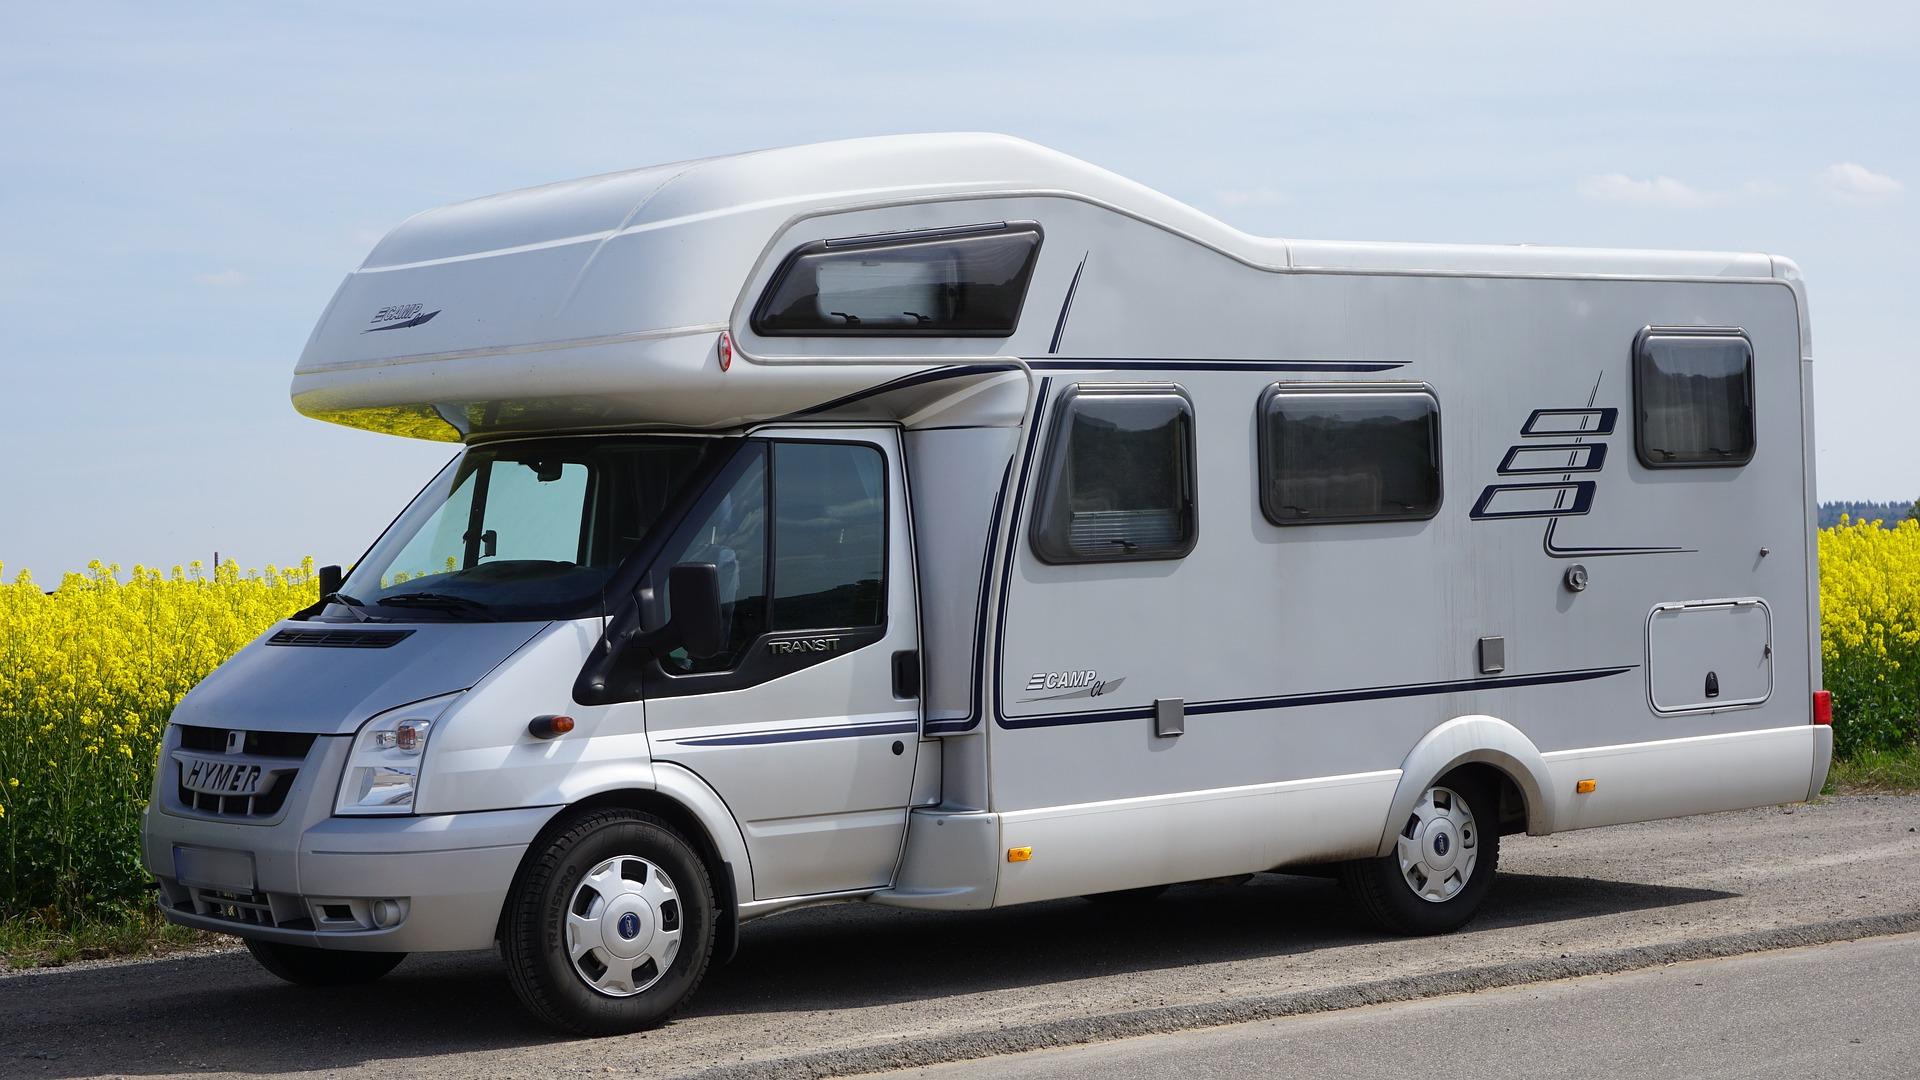 Camper Wohnmobil Campingfahrzeuge Wohnanhänger